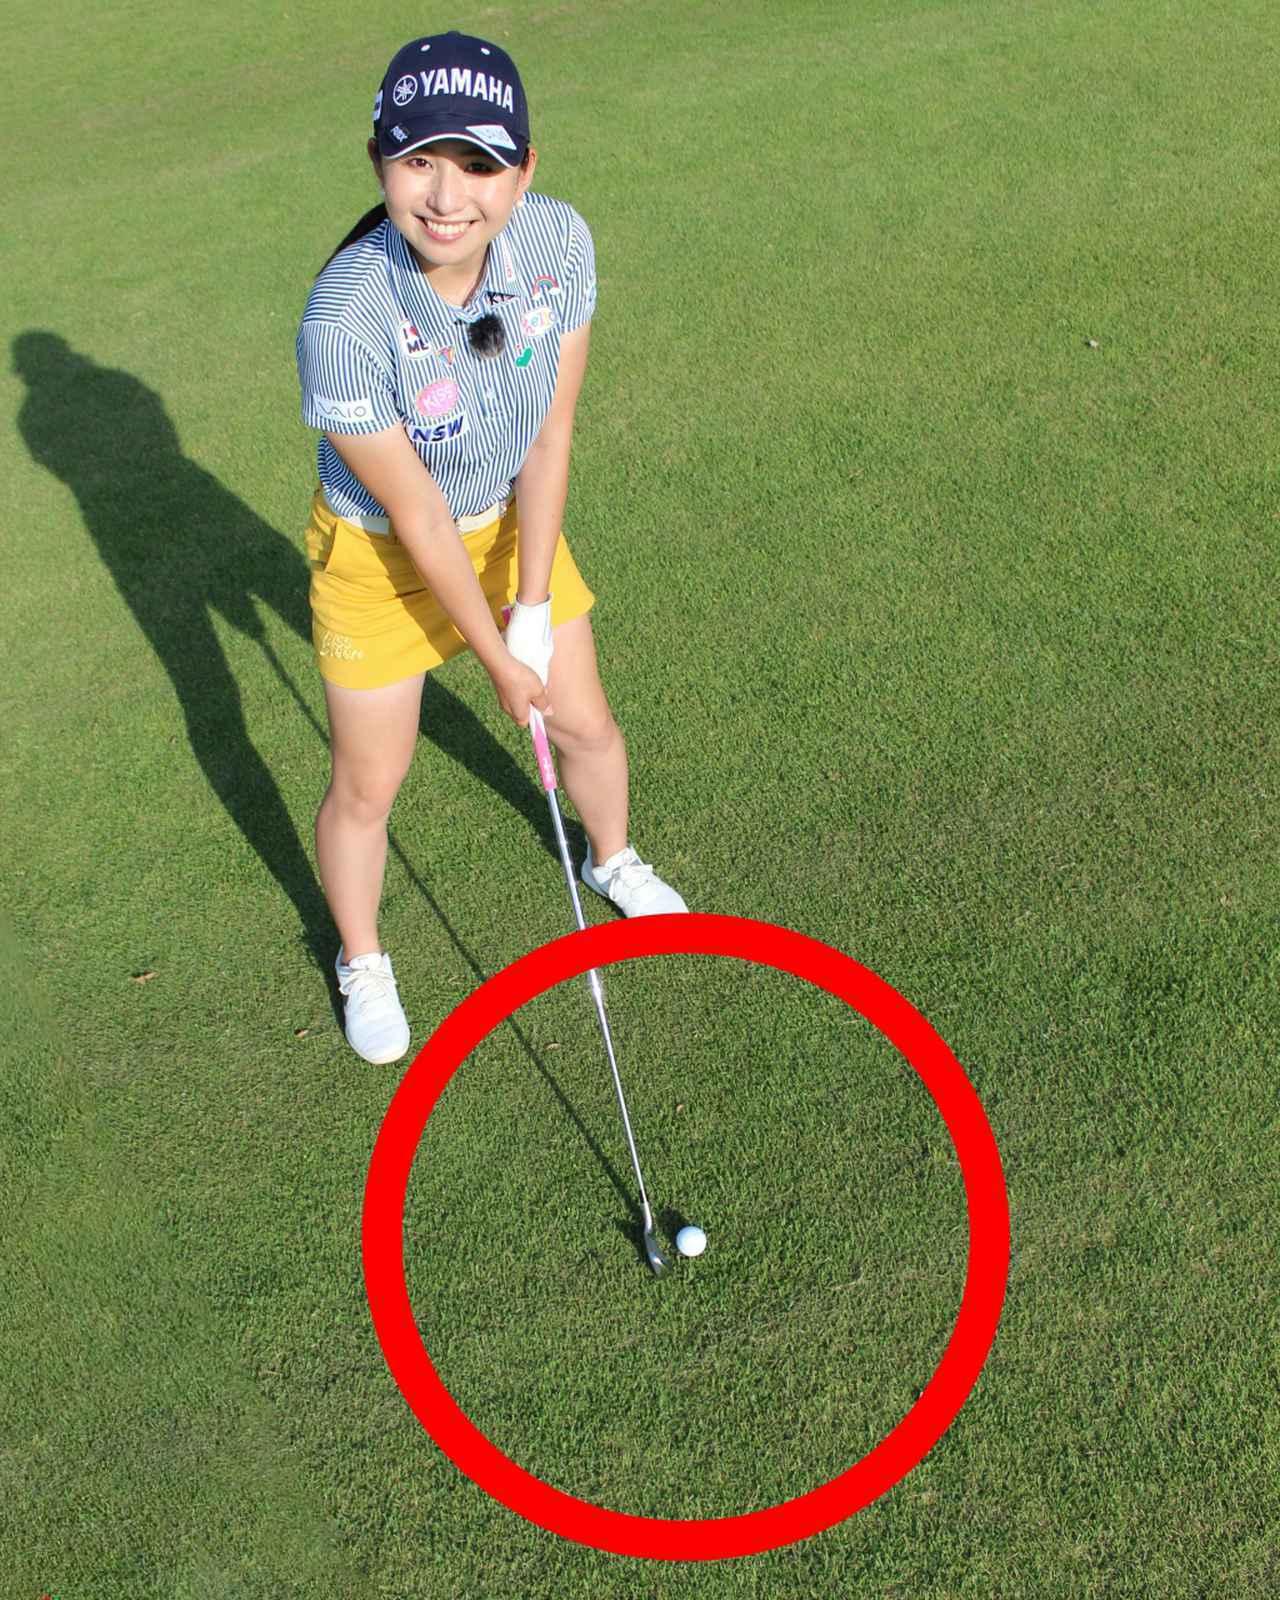 画像: ボールを中心とした円をイメージし、その円周に沿って立ち位置を変えることで、ボール位置や両肩、腰のラインも自然とスタンスに応じて変えられる